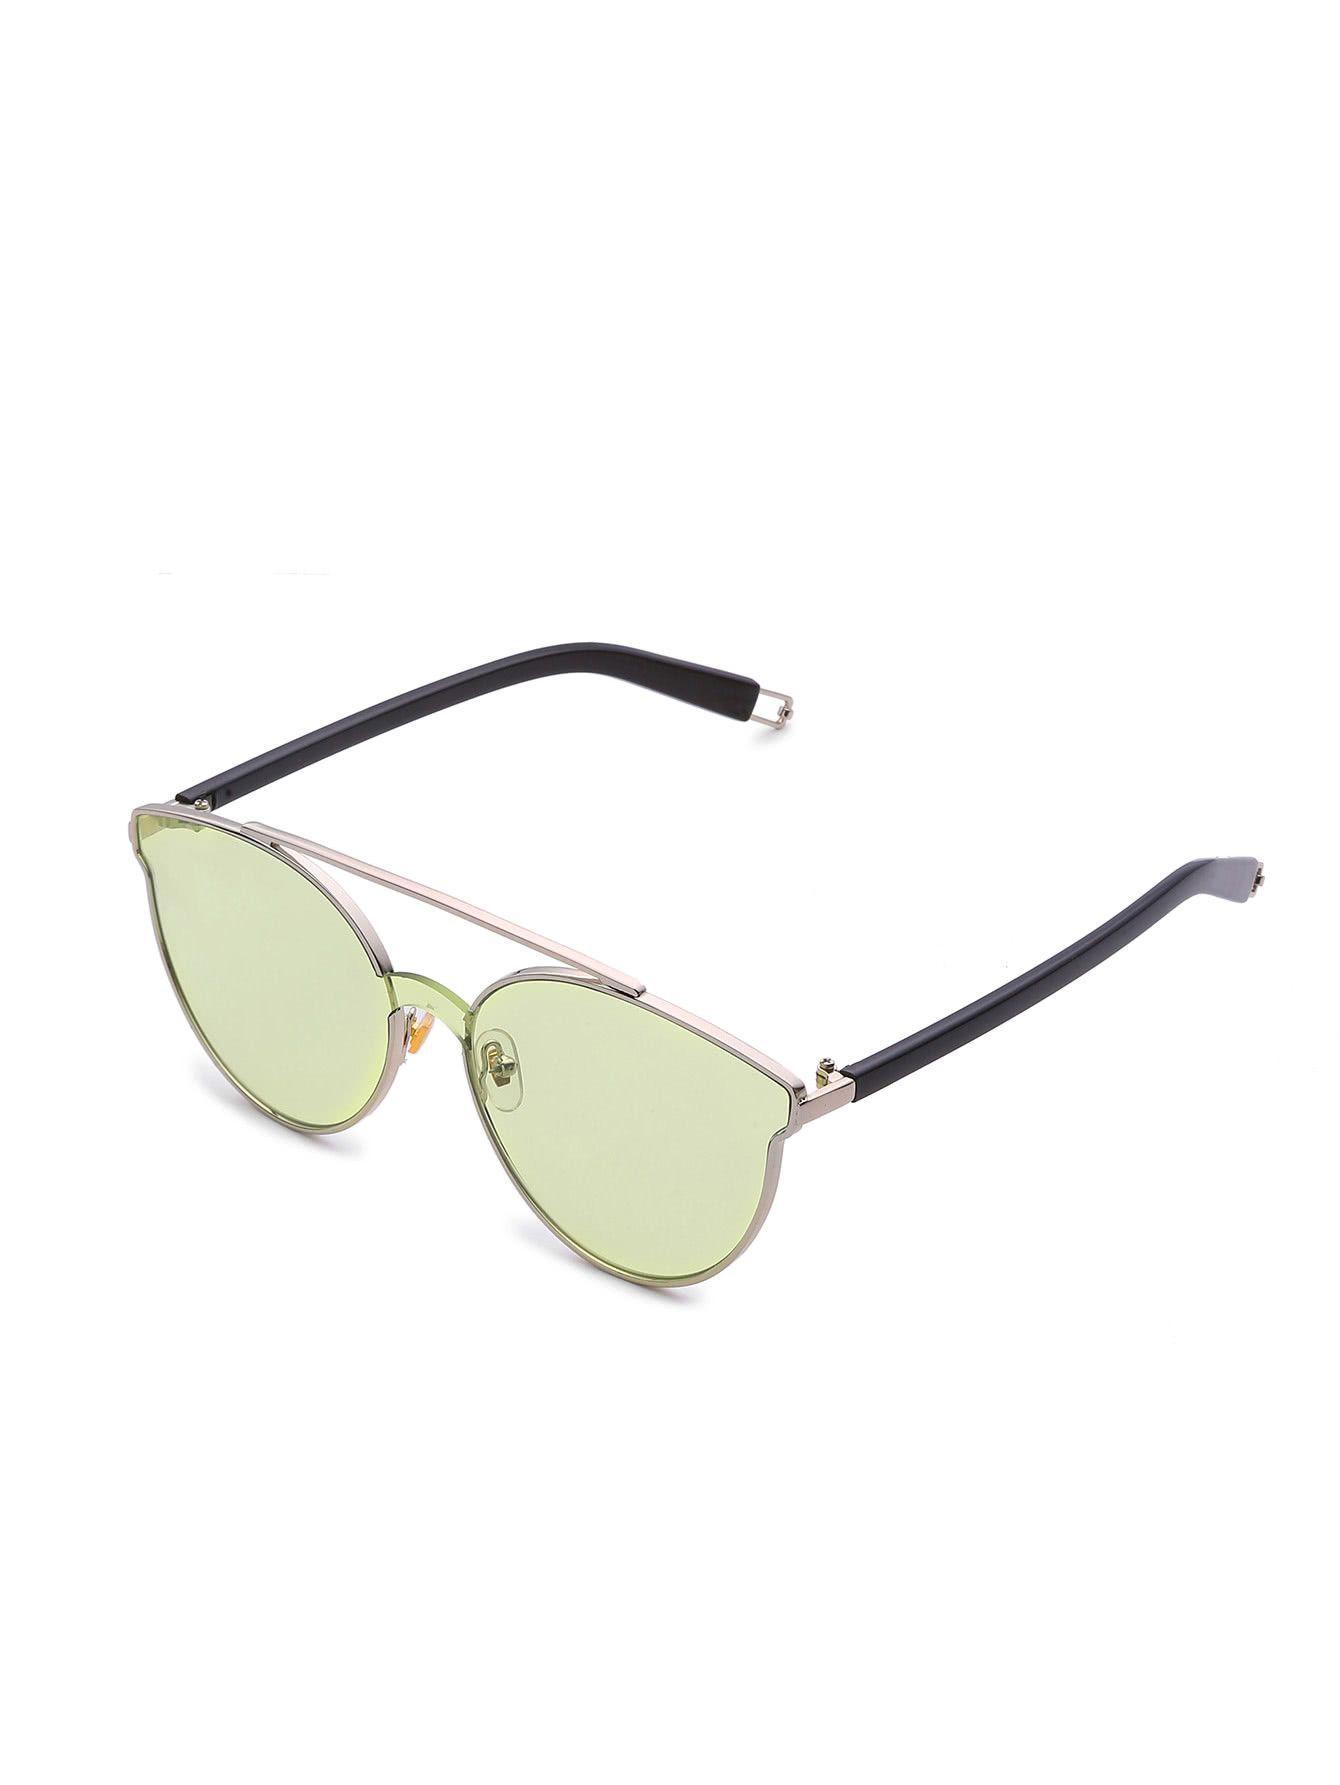 57a86ebb50 Flat Lens Top Bar Sunglasses